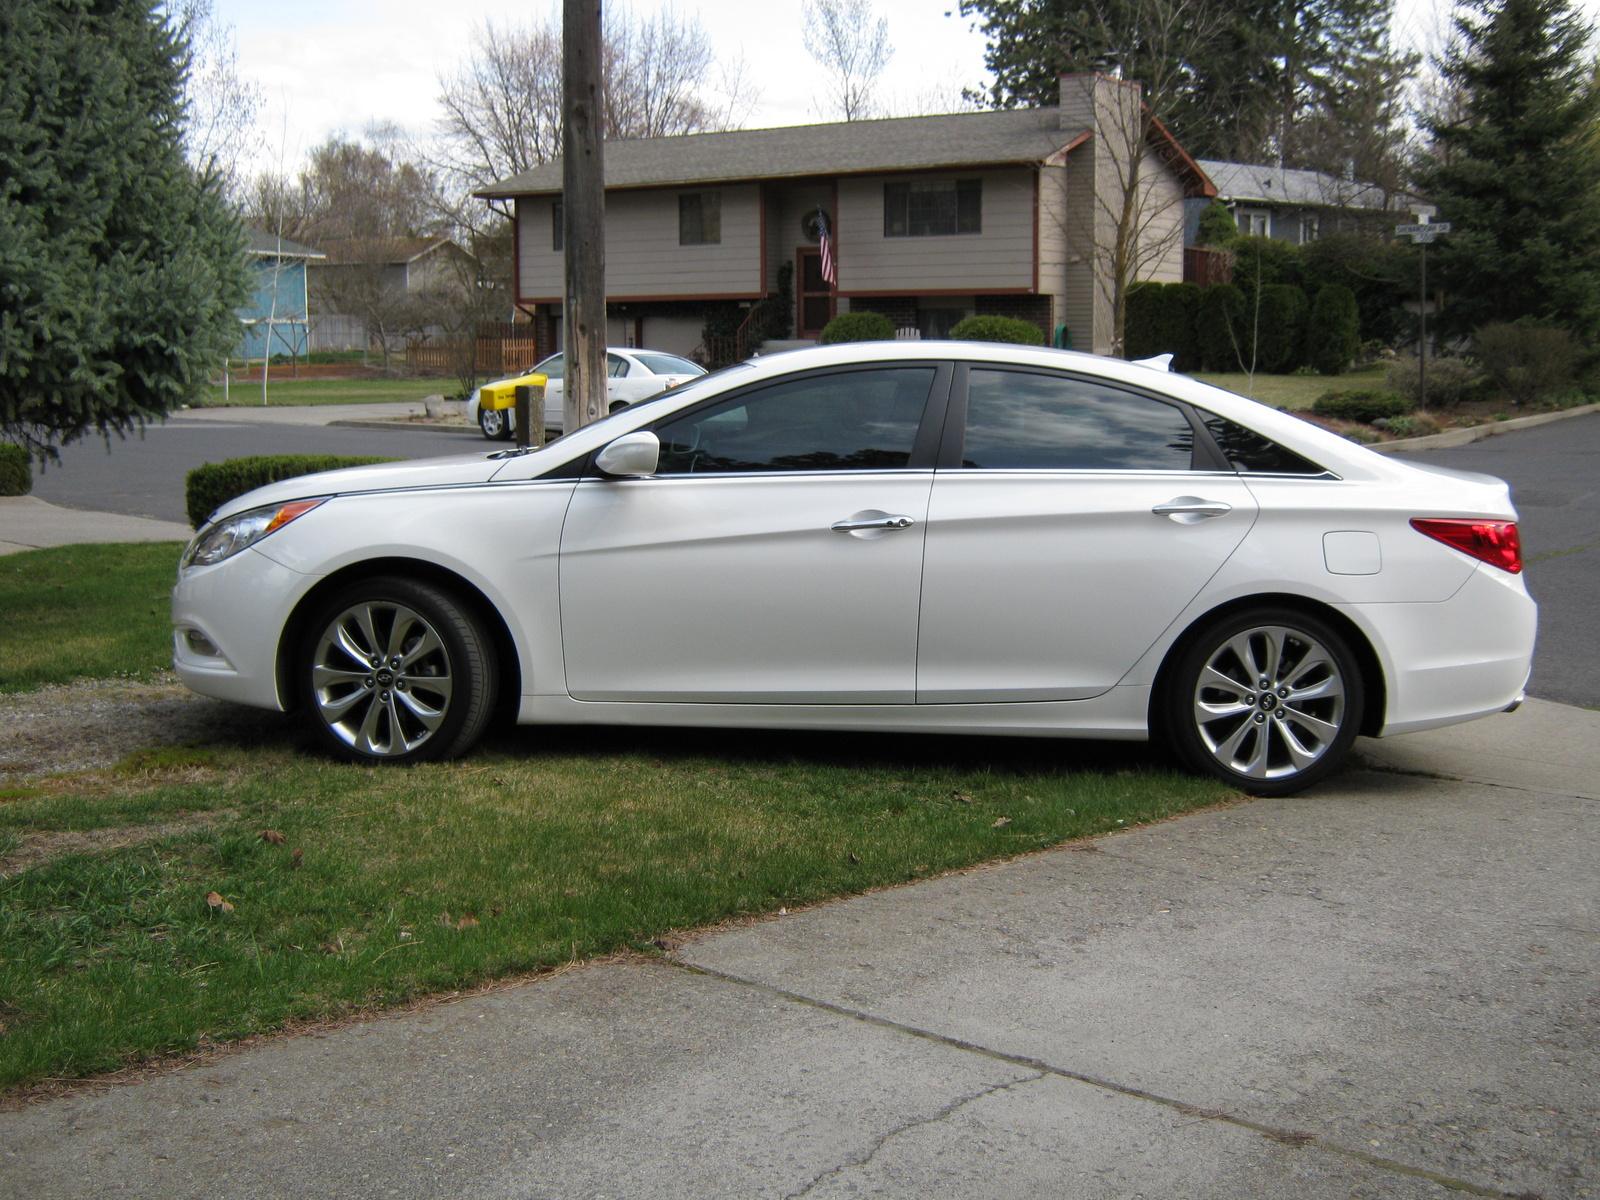 2011 Hyundai Sonata Pictures Cargurus